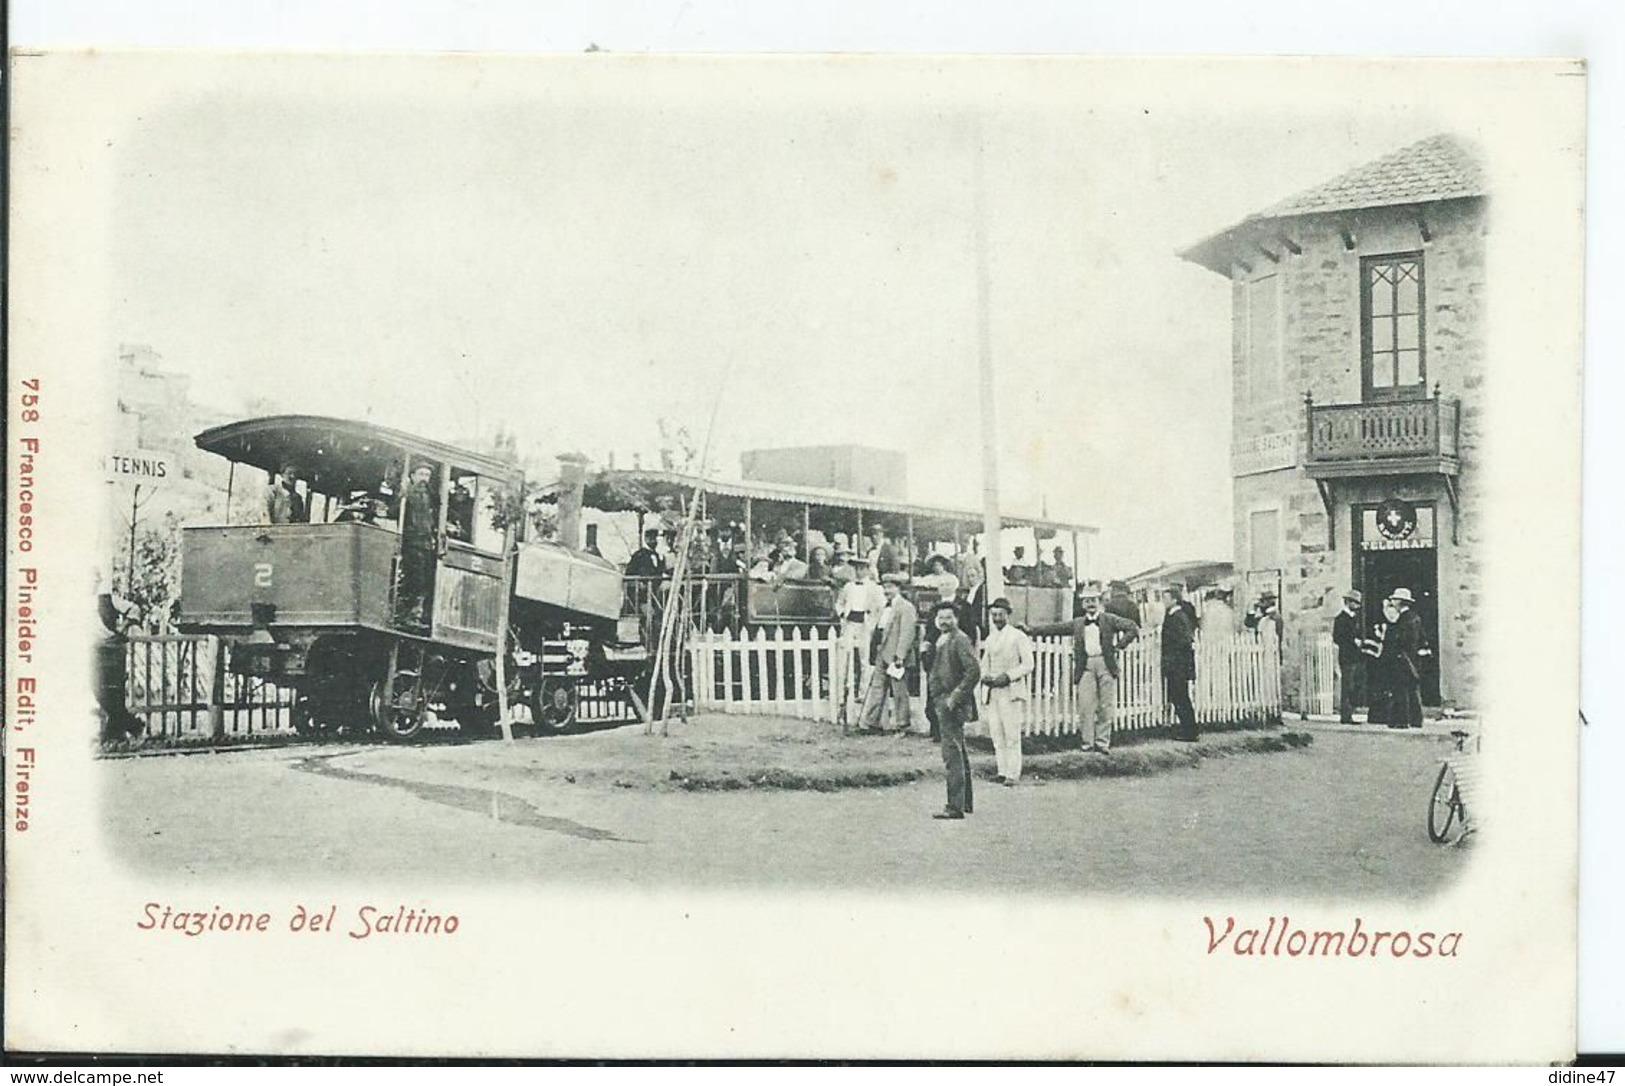 ITALIE - VALLOMBROSA - Stazione Del Saltina - Firenze (Florence)